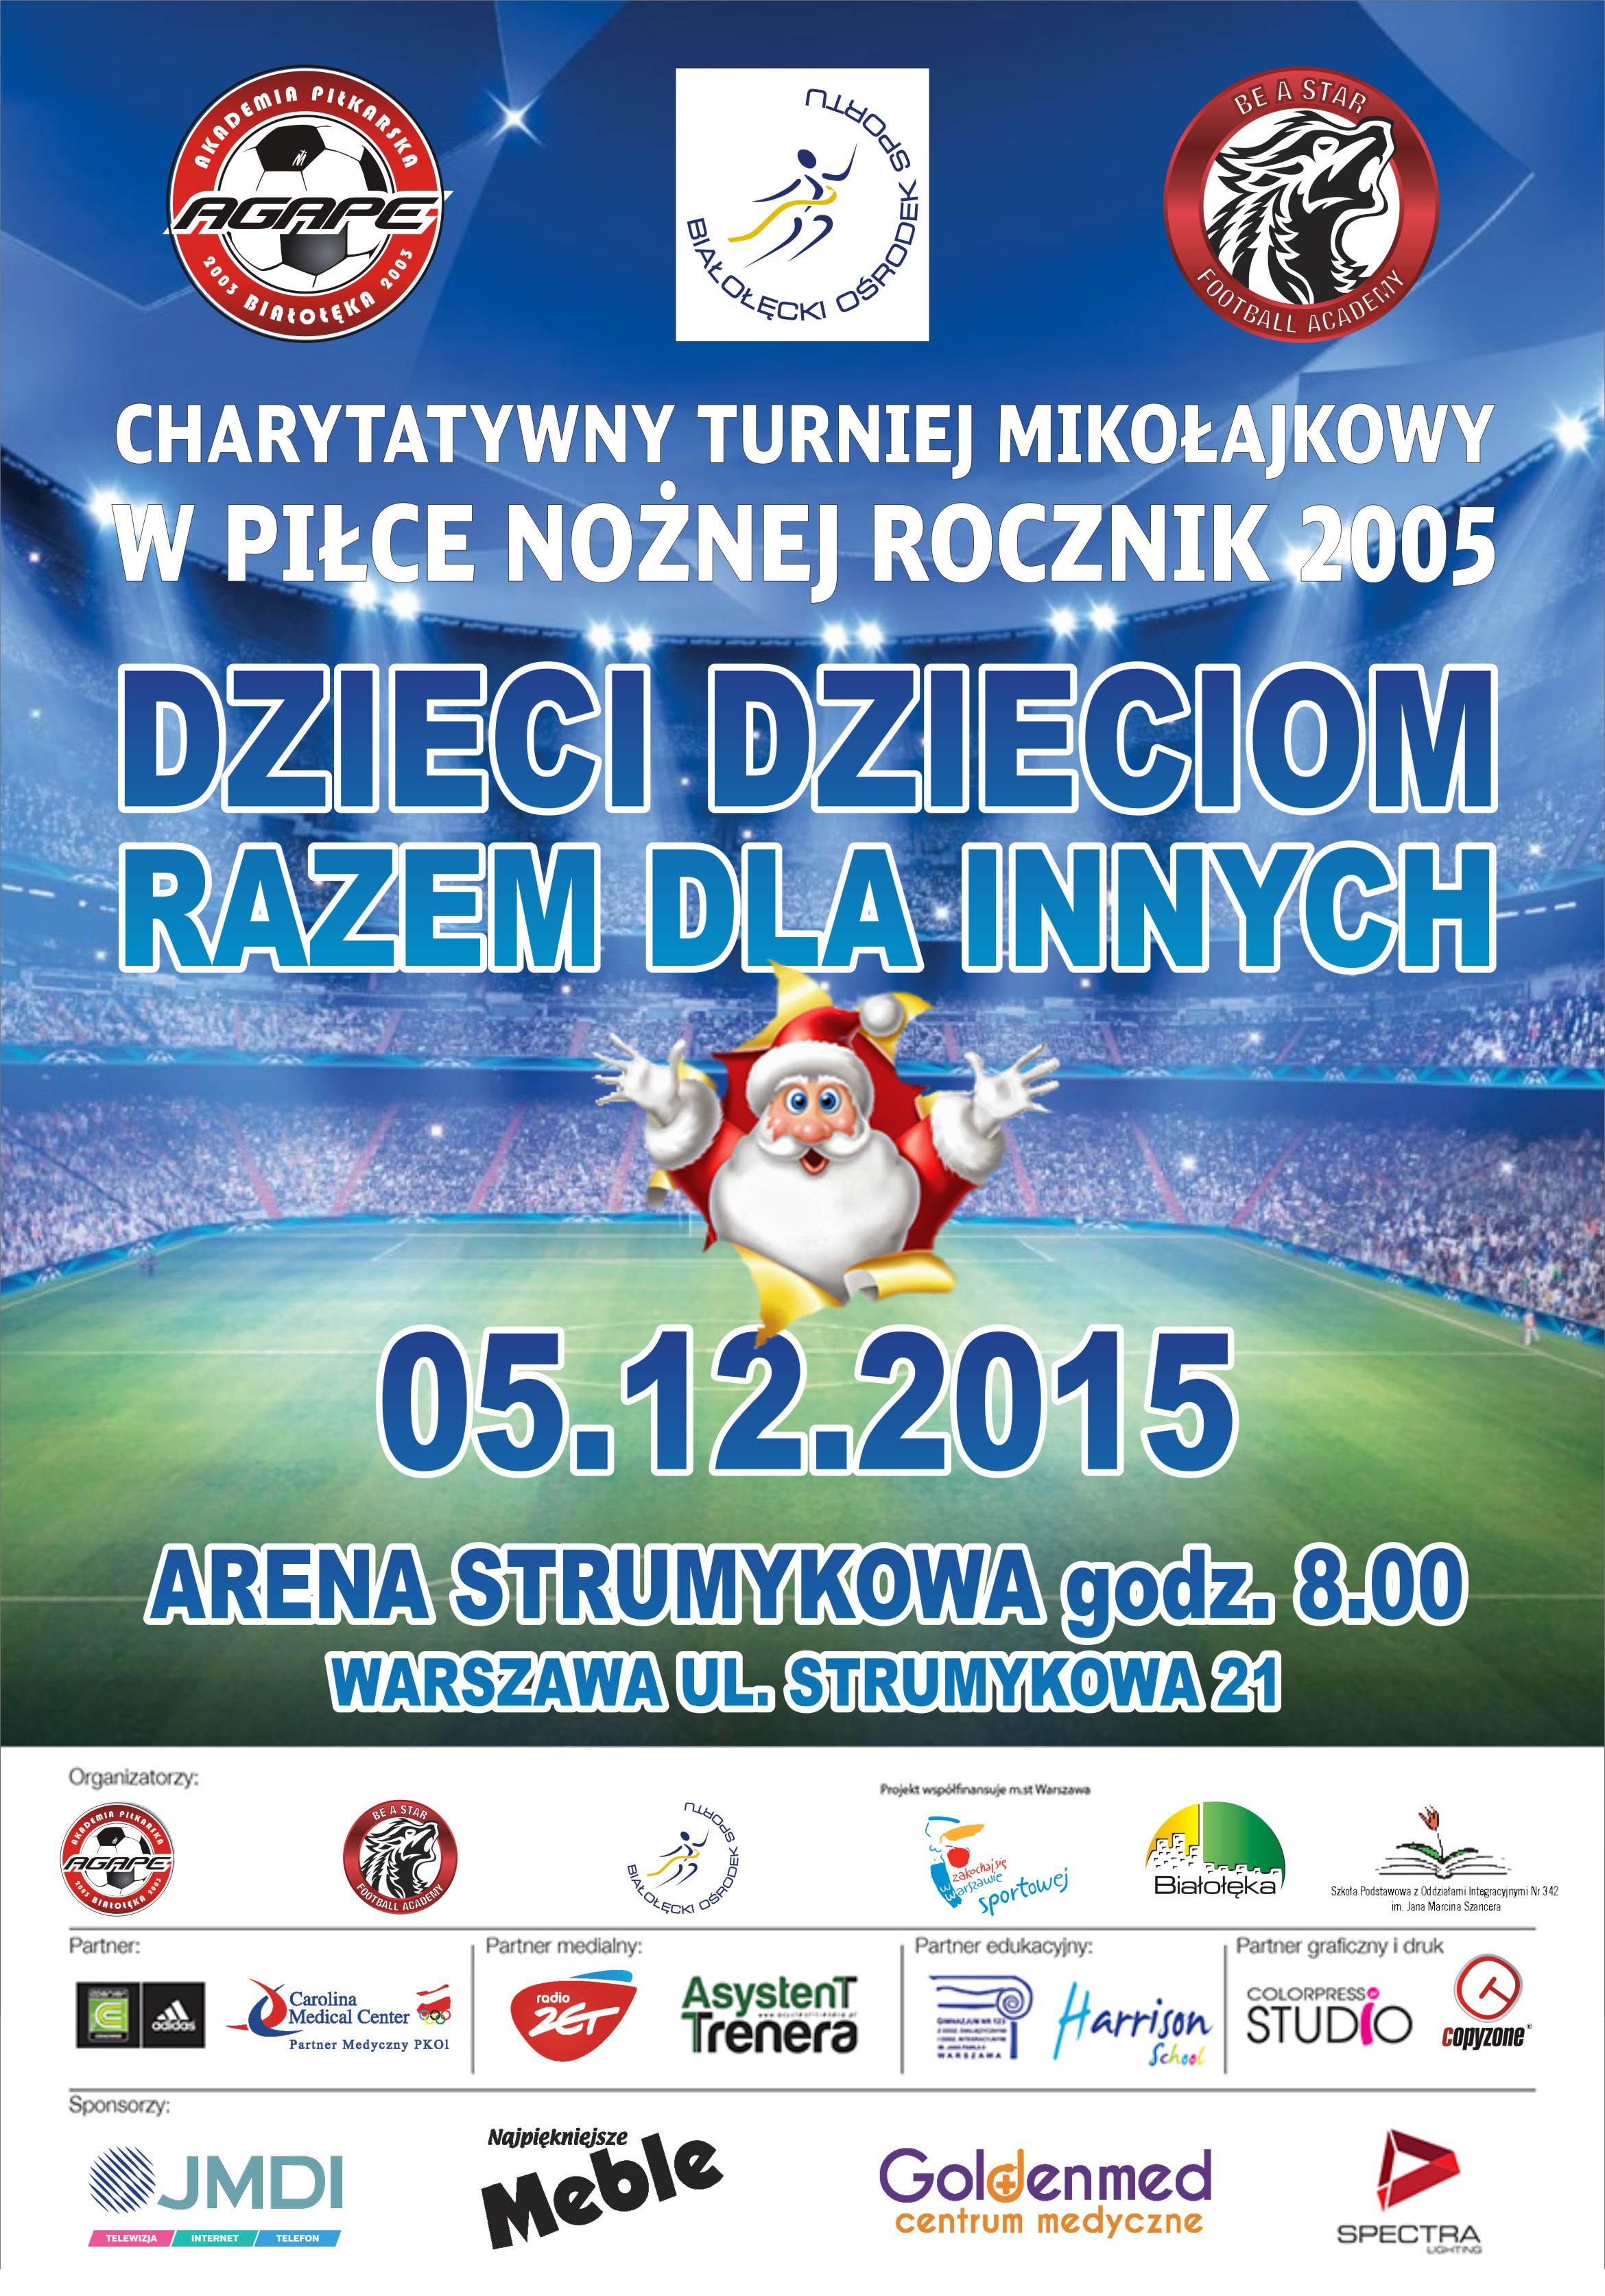 Turniej Mikołajkowy 2015 DZIECI DZIECIOM RAZEM DLA INNYCH